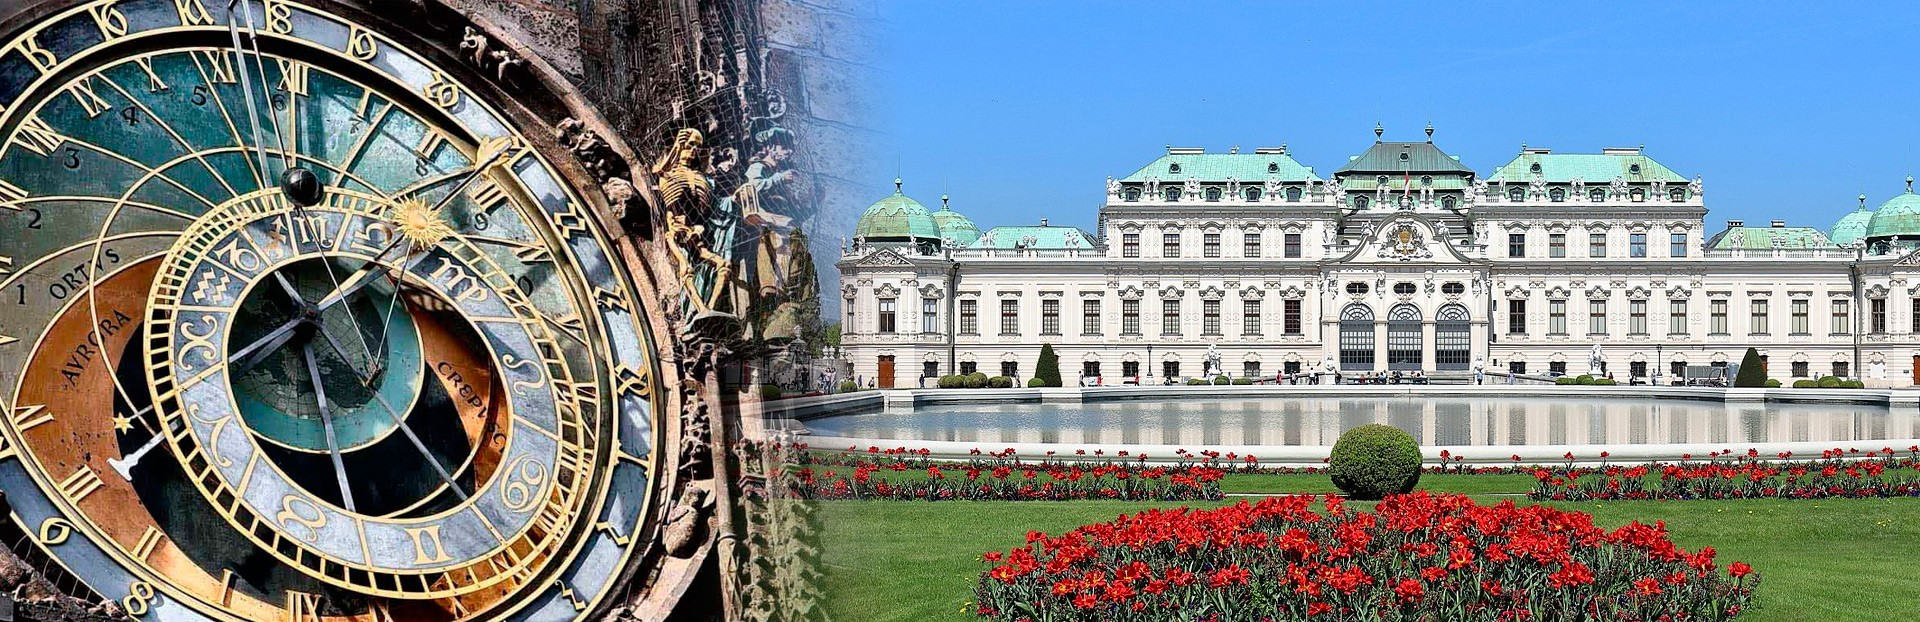 viaje fin de curso a Praga Viena